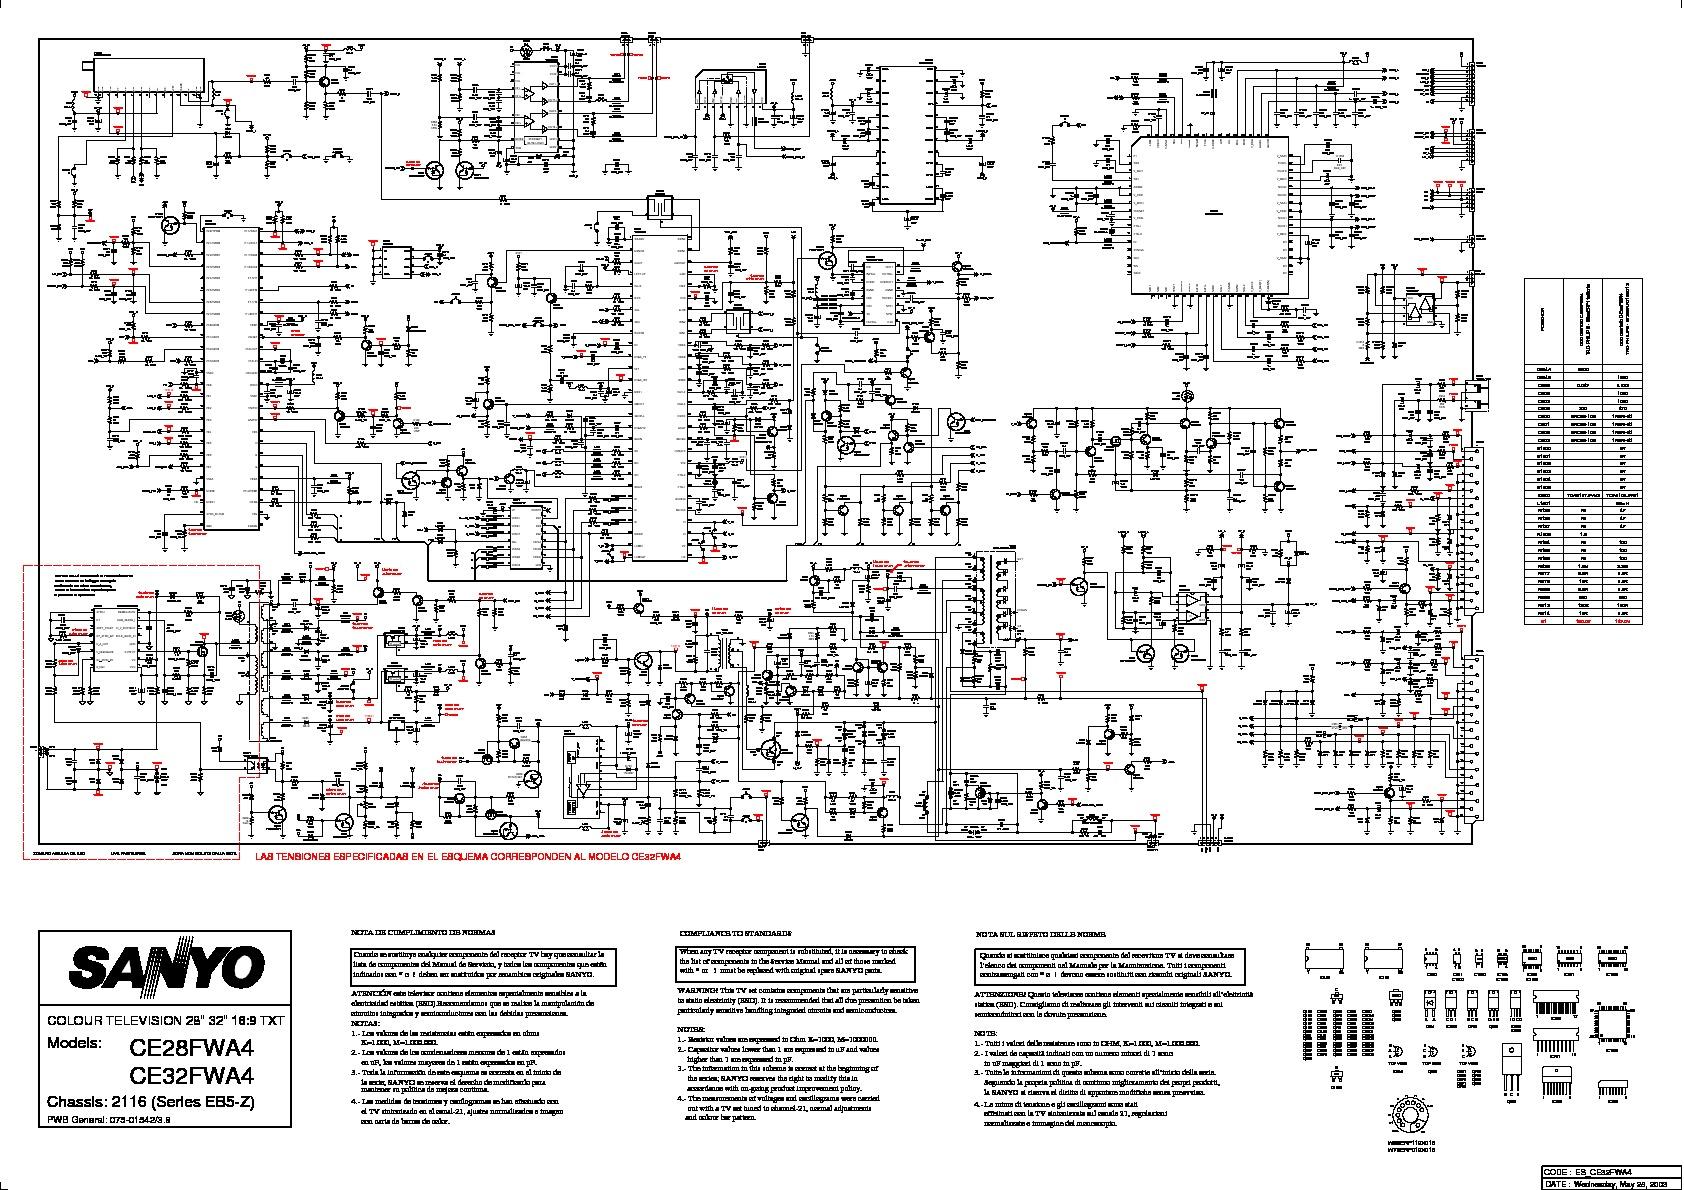 sanyo_ce28,32fwa4_chassis_eb5-z_[ET].pdf